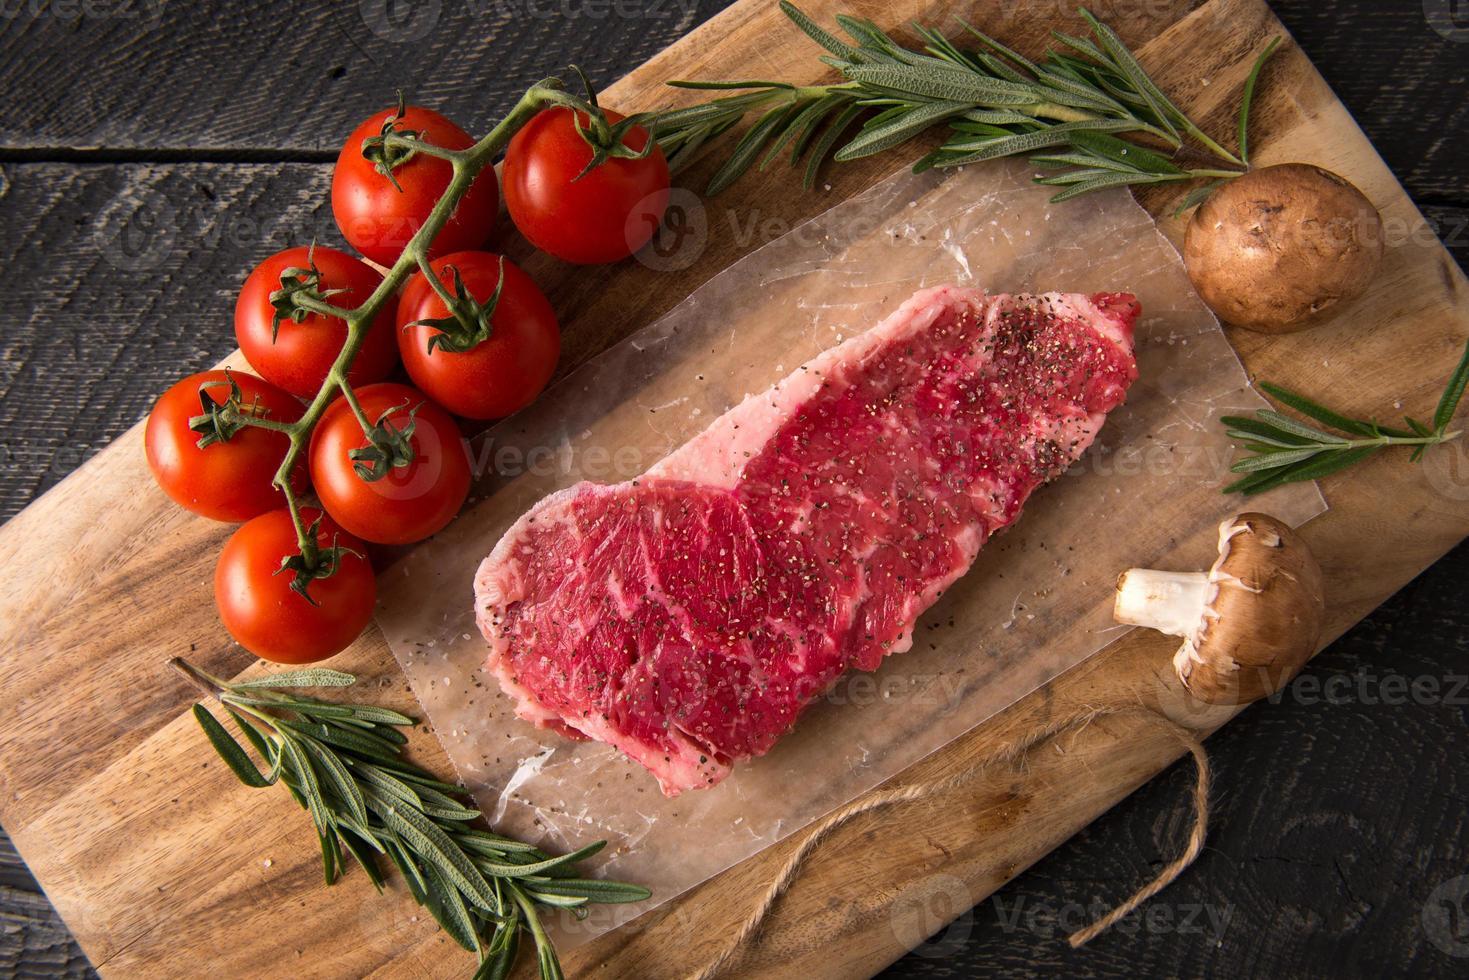 biefstuk serie reepjes: rauw vlees foto